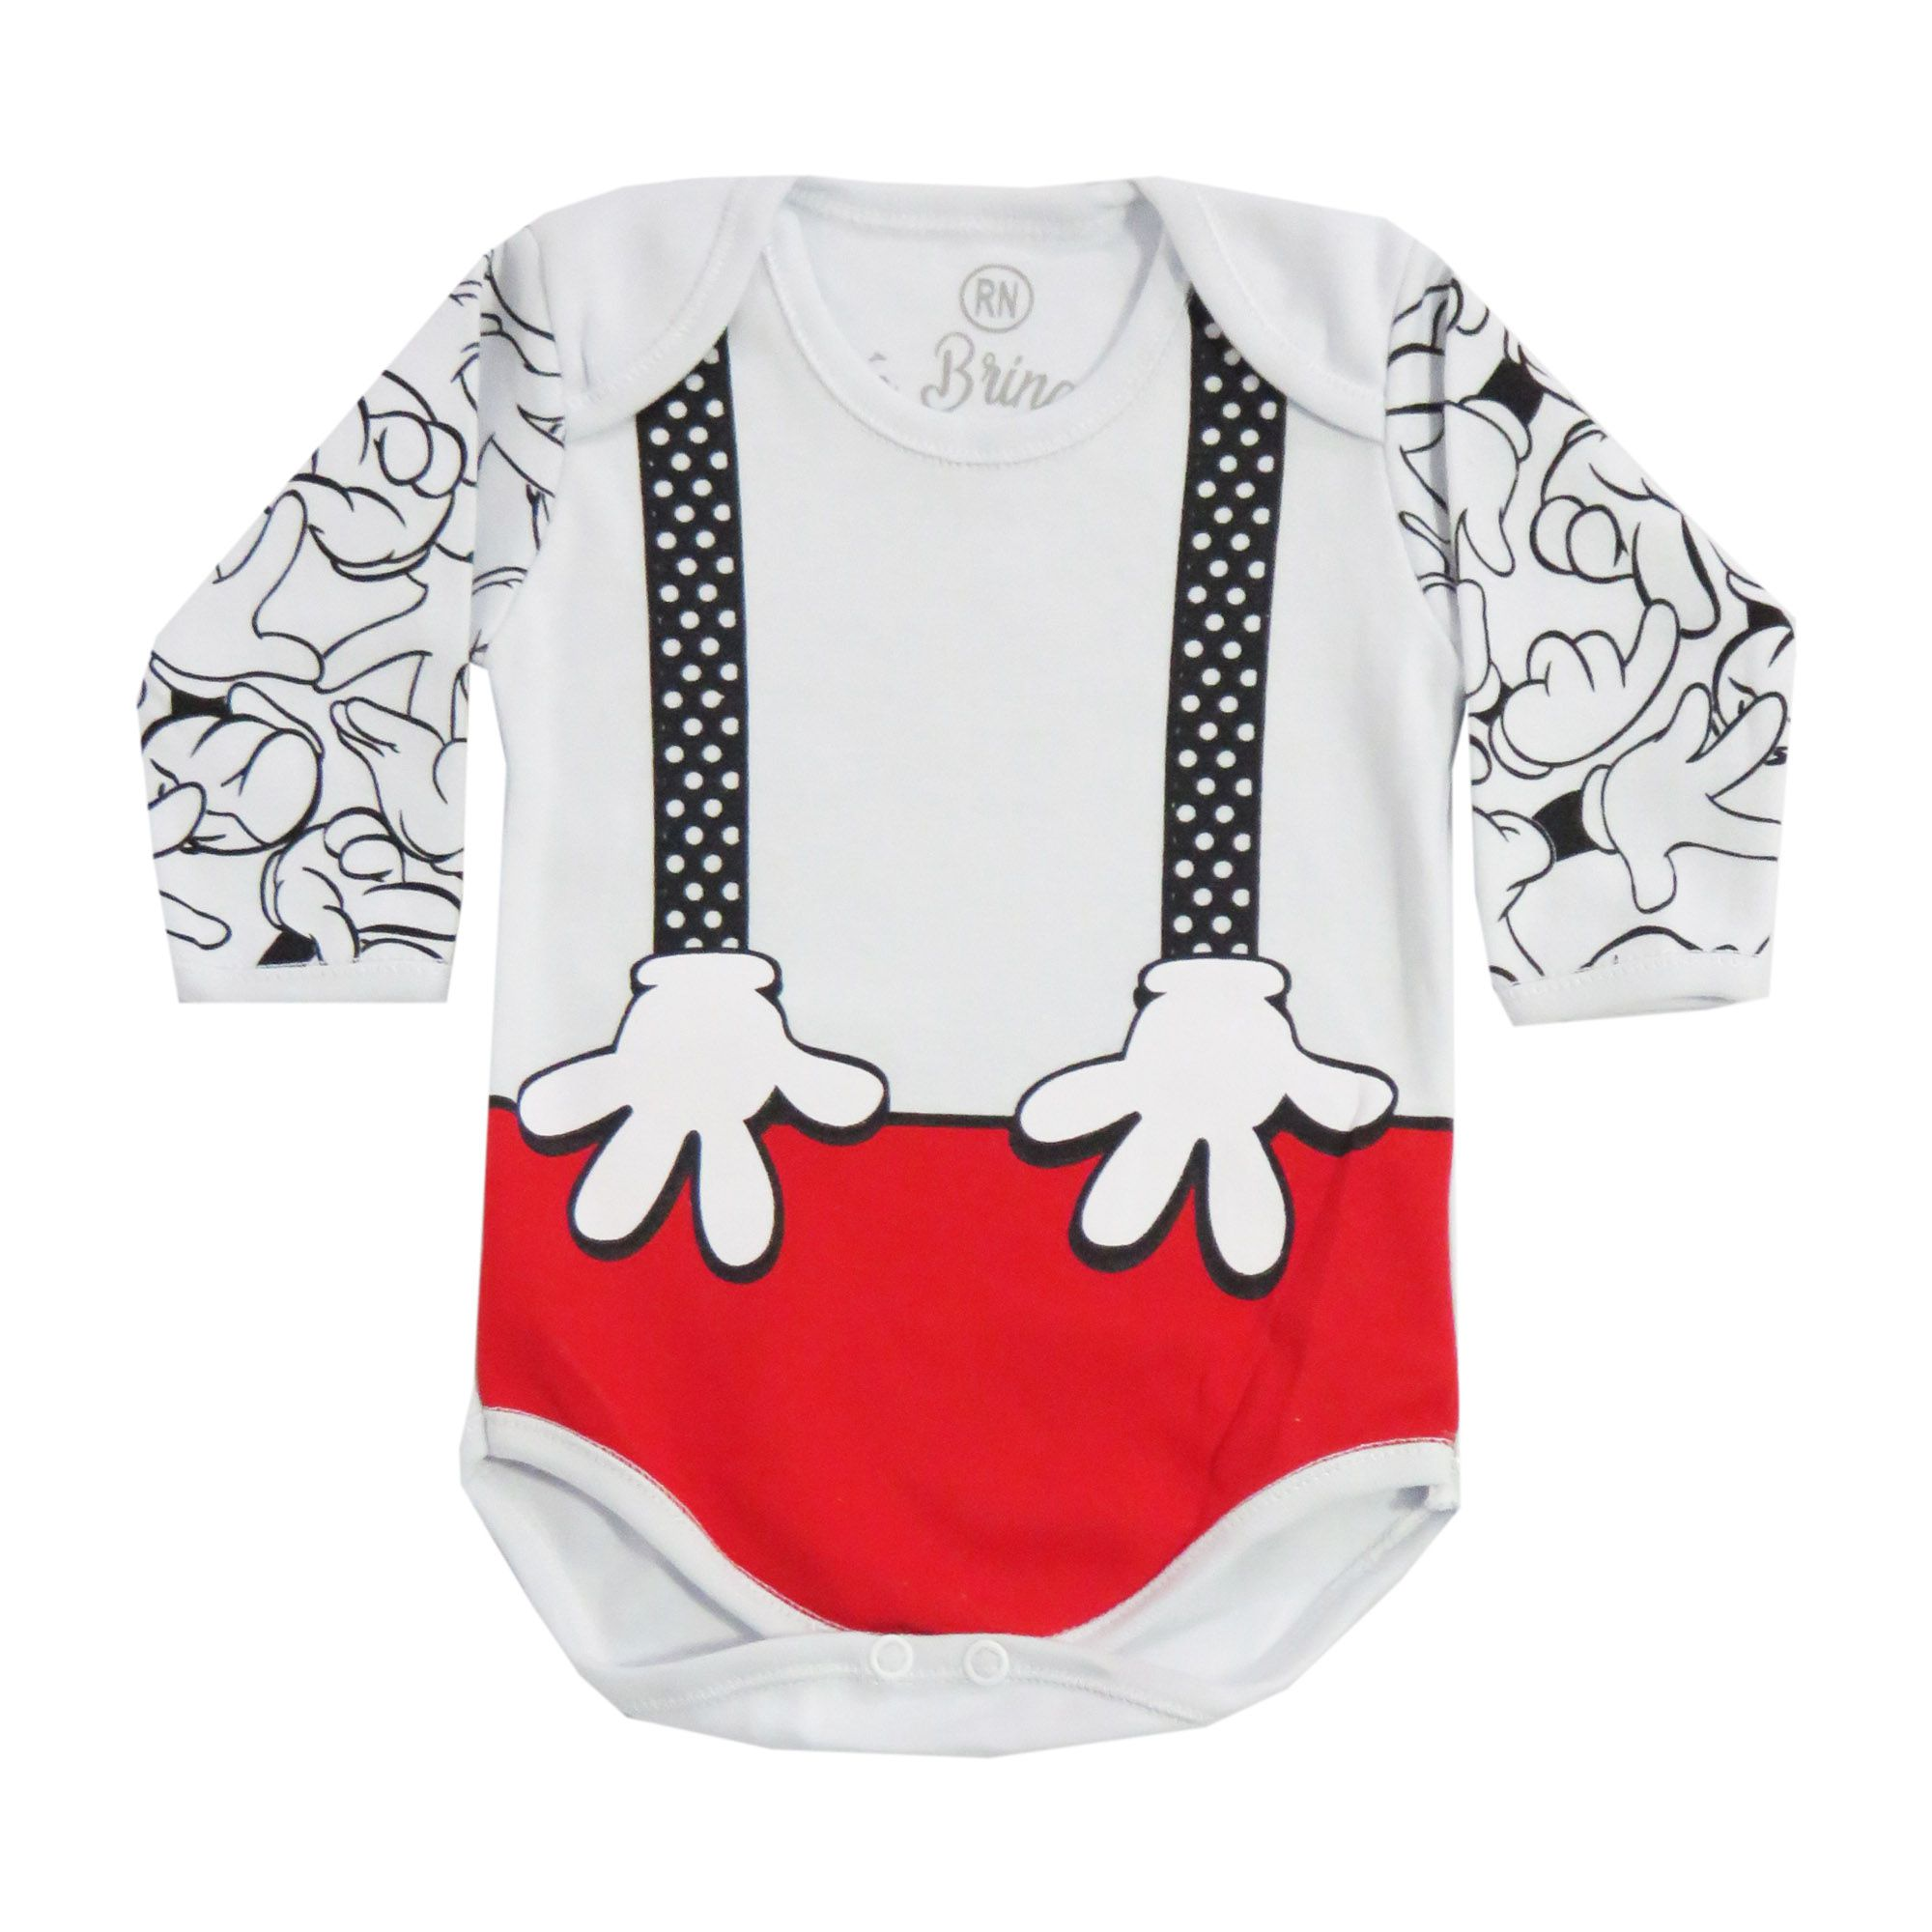 Body Manga Longa Bebê Brincalhão Estampa de Suspensório - Rn ao G